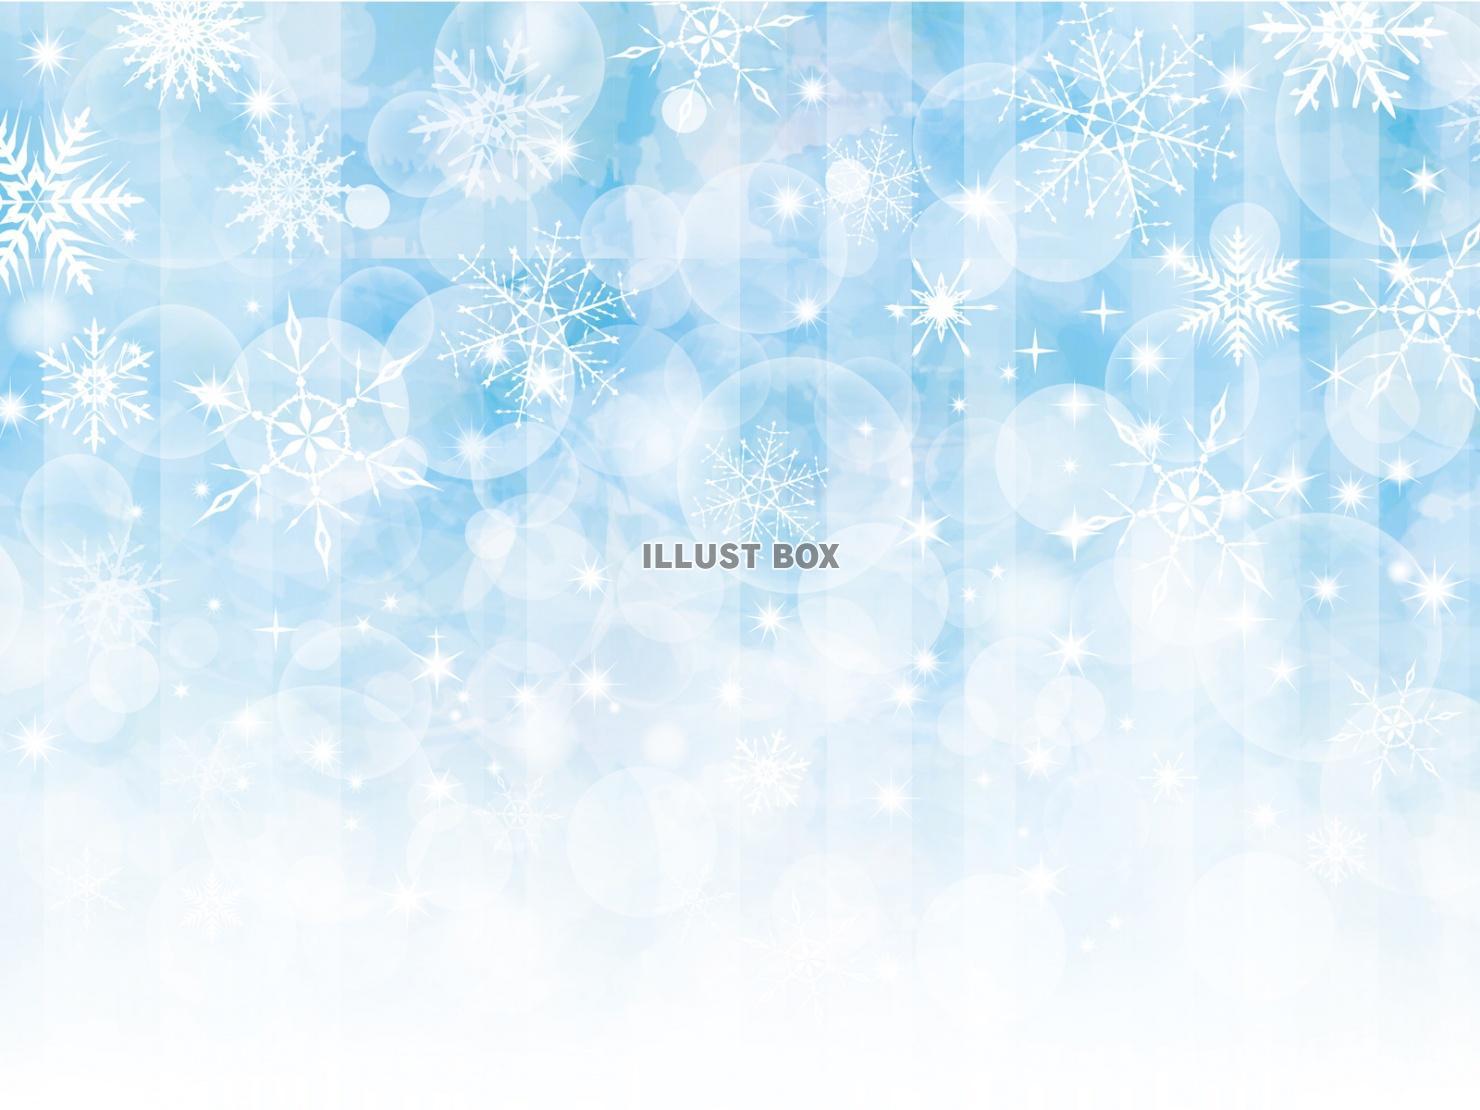 無料イラスト 雪 キラキラ 背景 結晶 雪の結晶 イラスト 壁紙 冬 きら